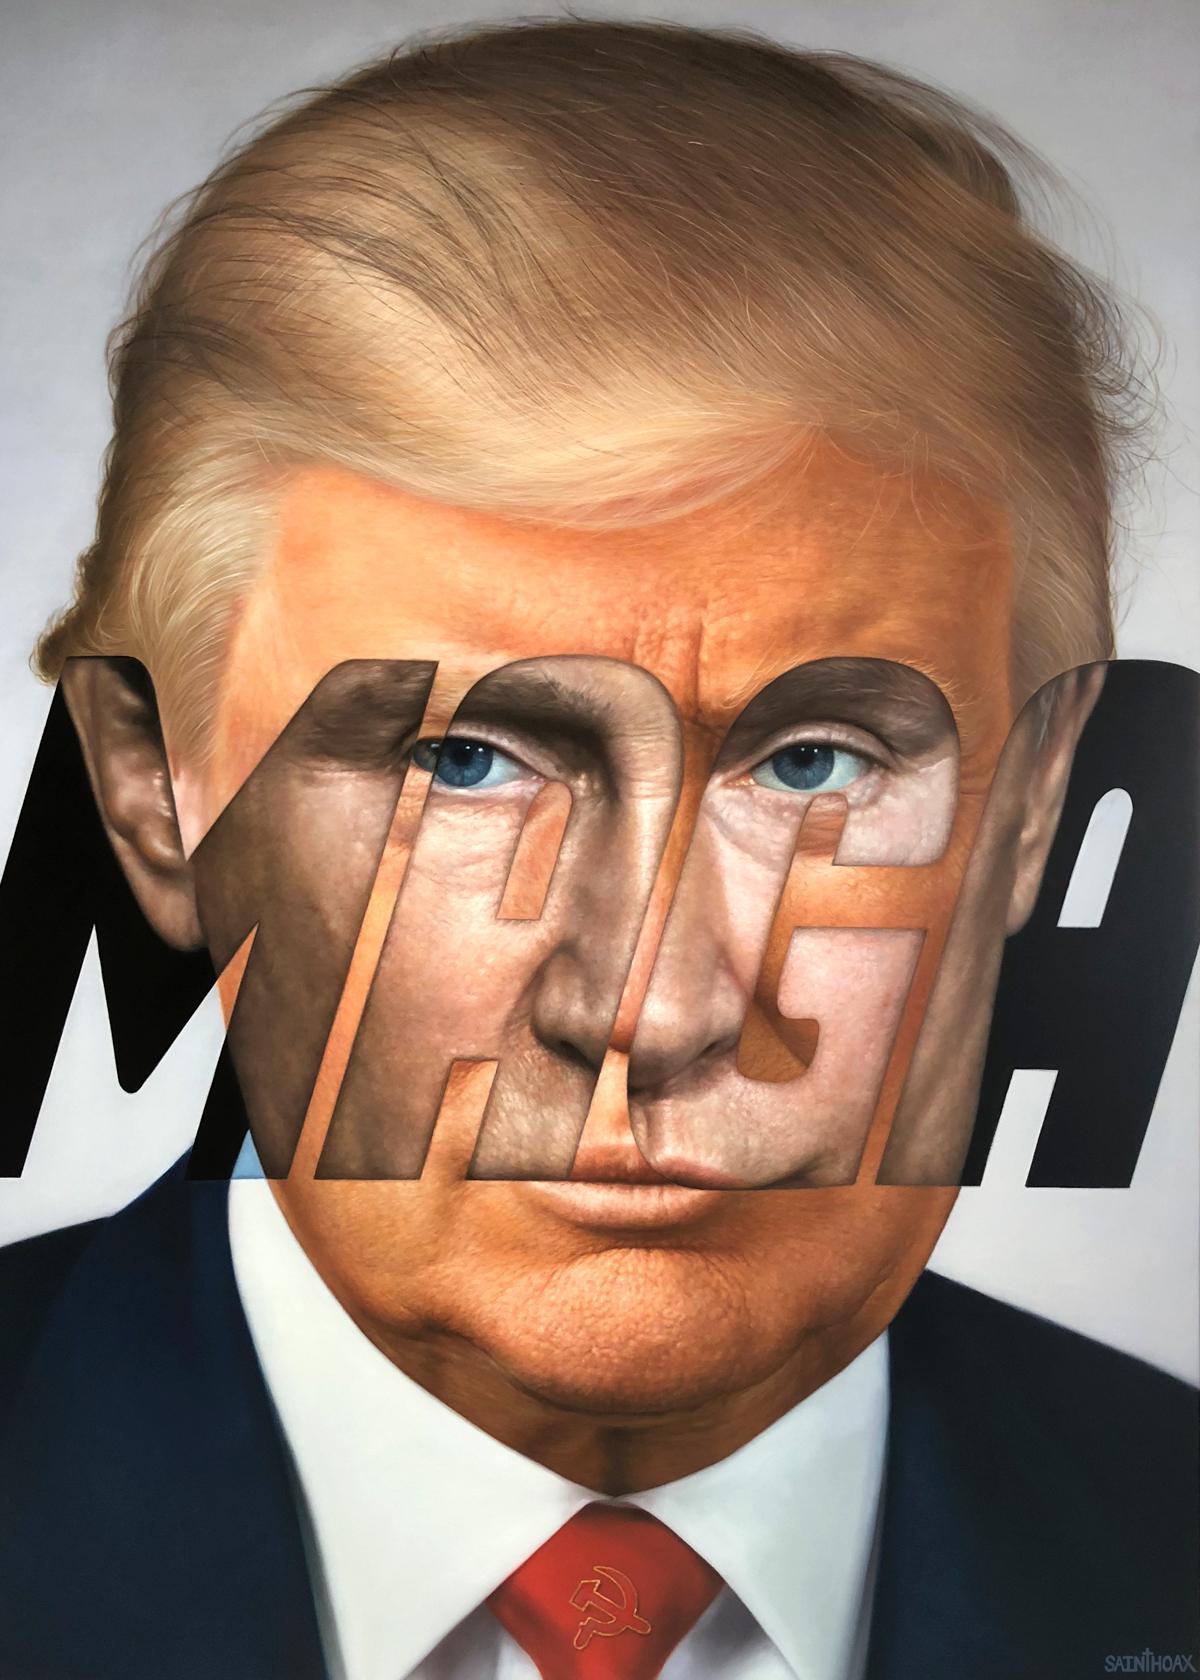 Trumputin - 2018Oil on canvas100 x 130 cm (39.3 x 51.1 in)$21,000